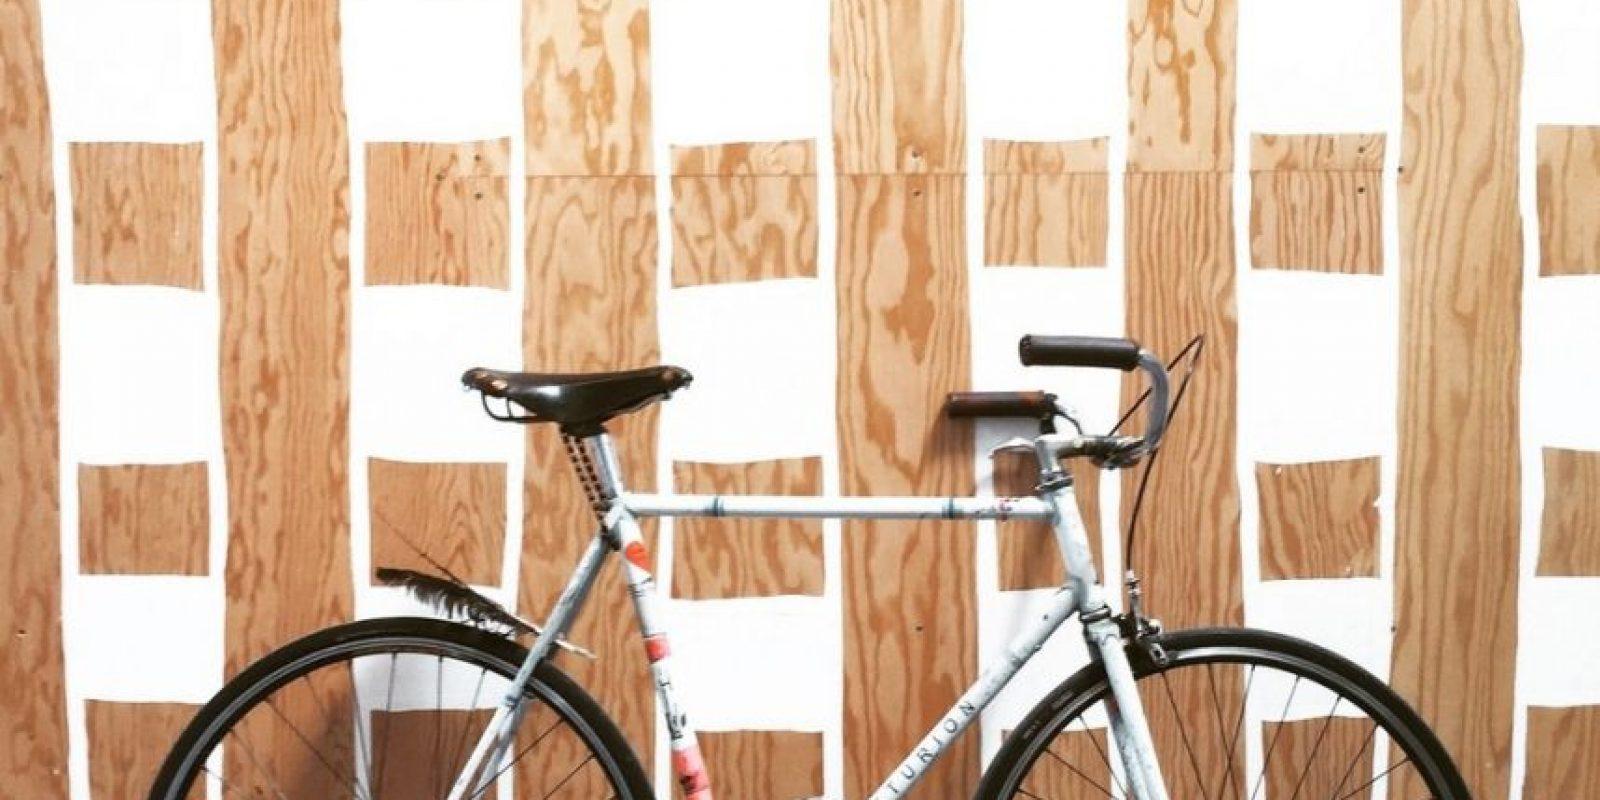 Algunos empleados llegan en bicicleta. Foto:instagram.com/johnbarnett